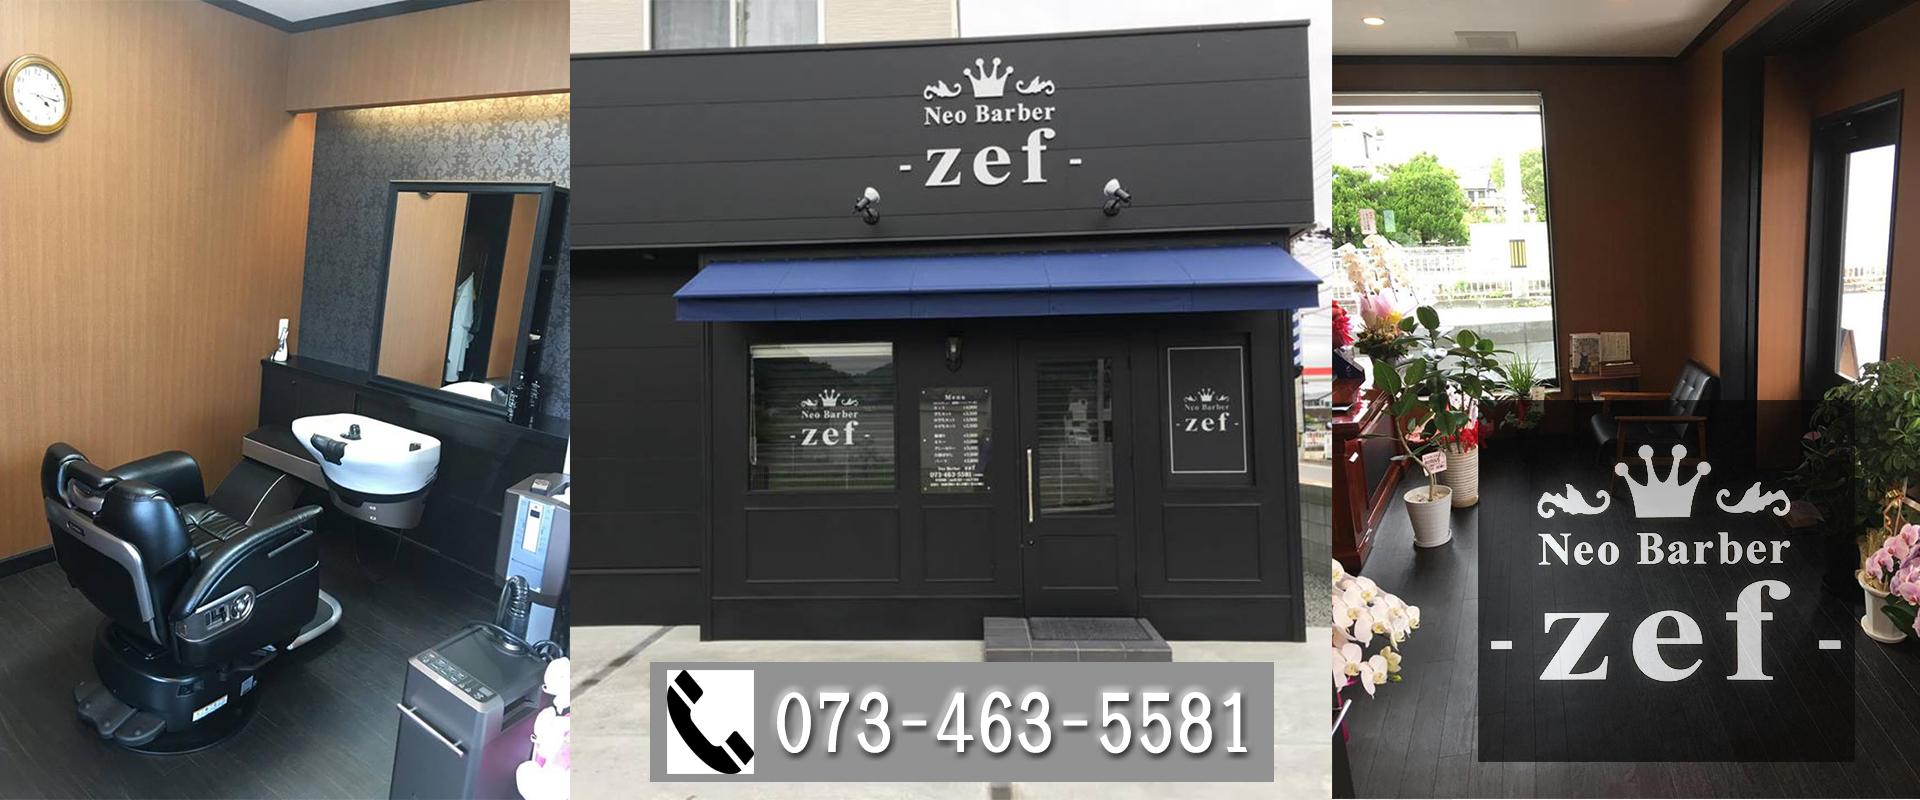 和歌山市理容室 Neo Barber Zef(ゼフ)男のためのサロン